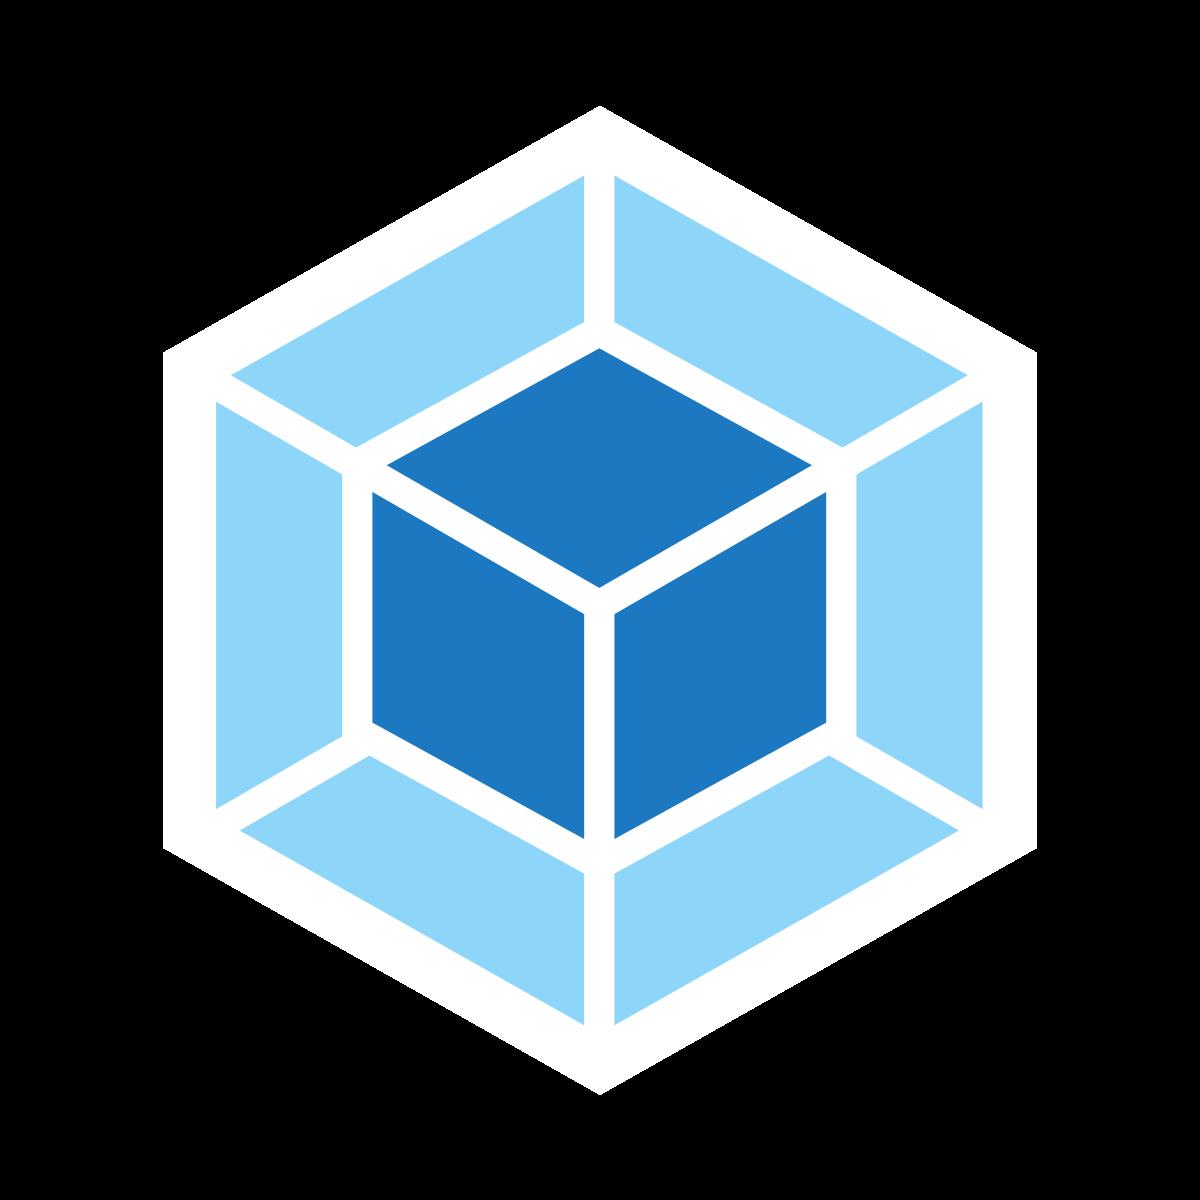 icon-square-big